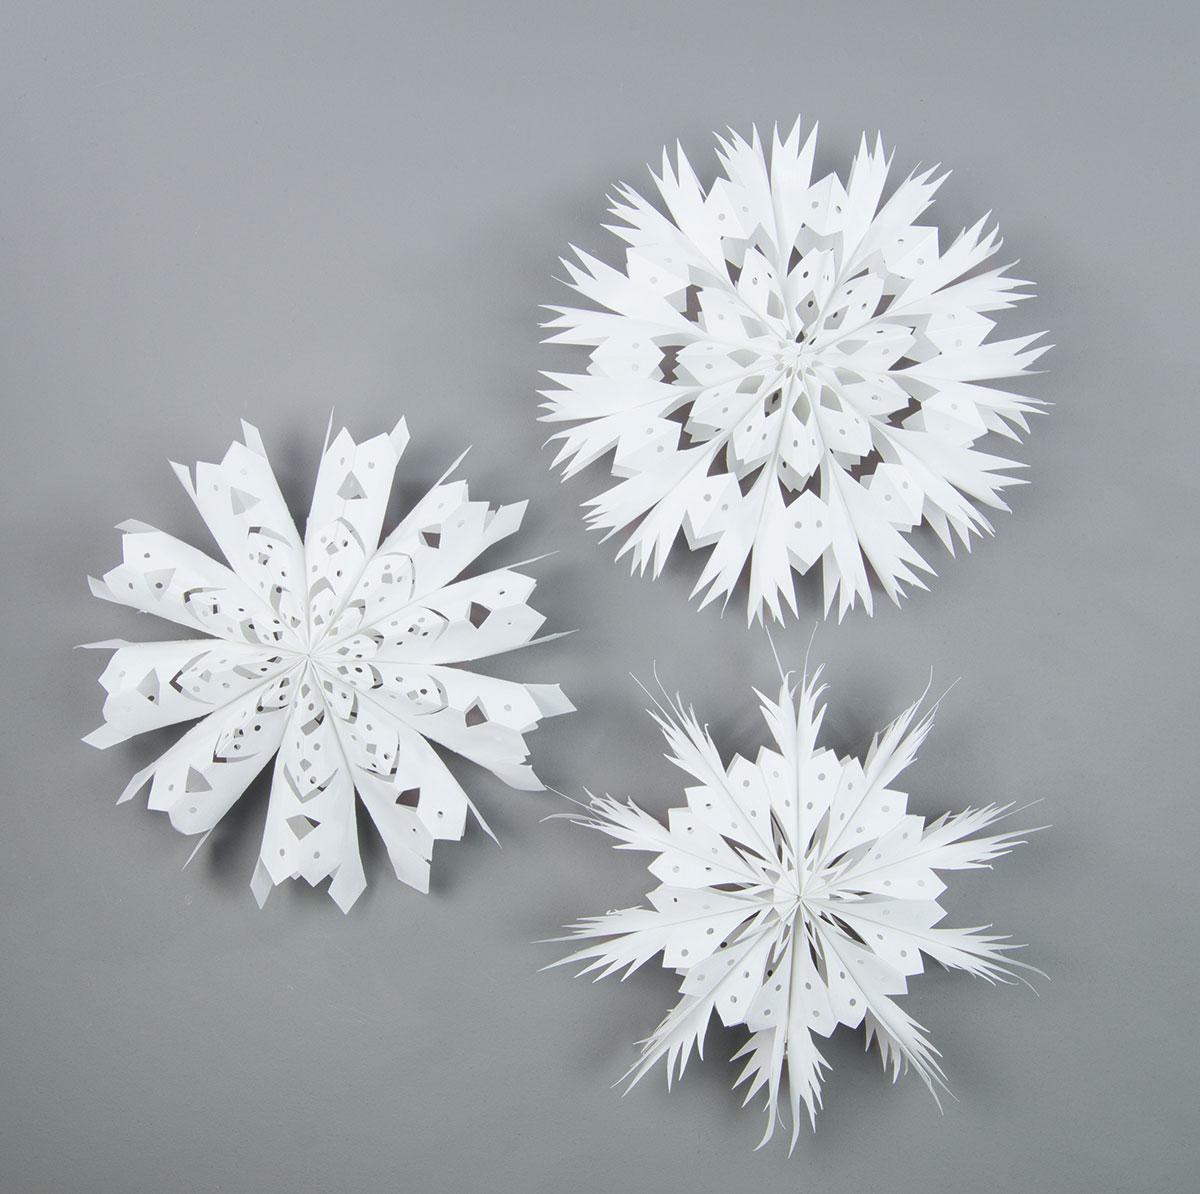 3 Papercraft Ideen Für Selbstgebastelte Weihnachtssterne